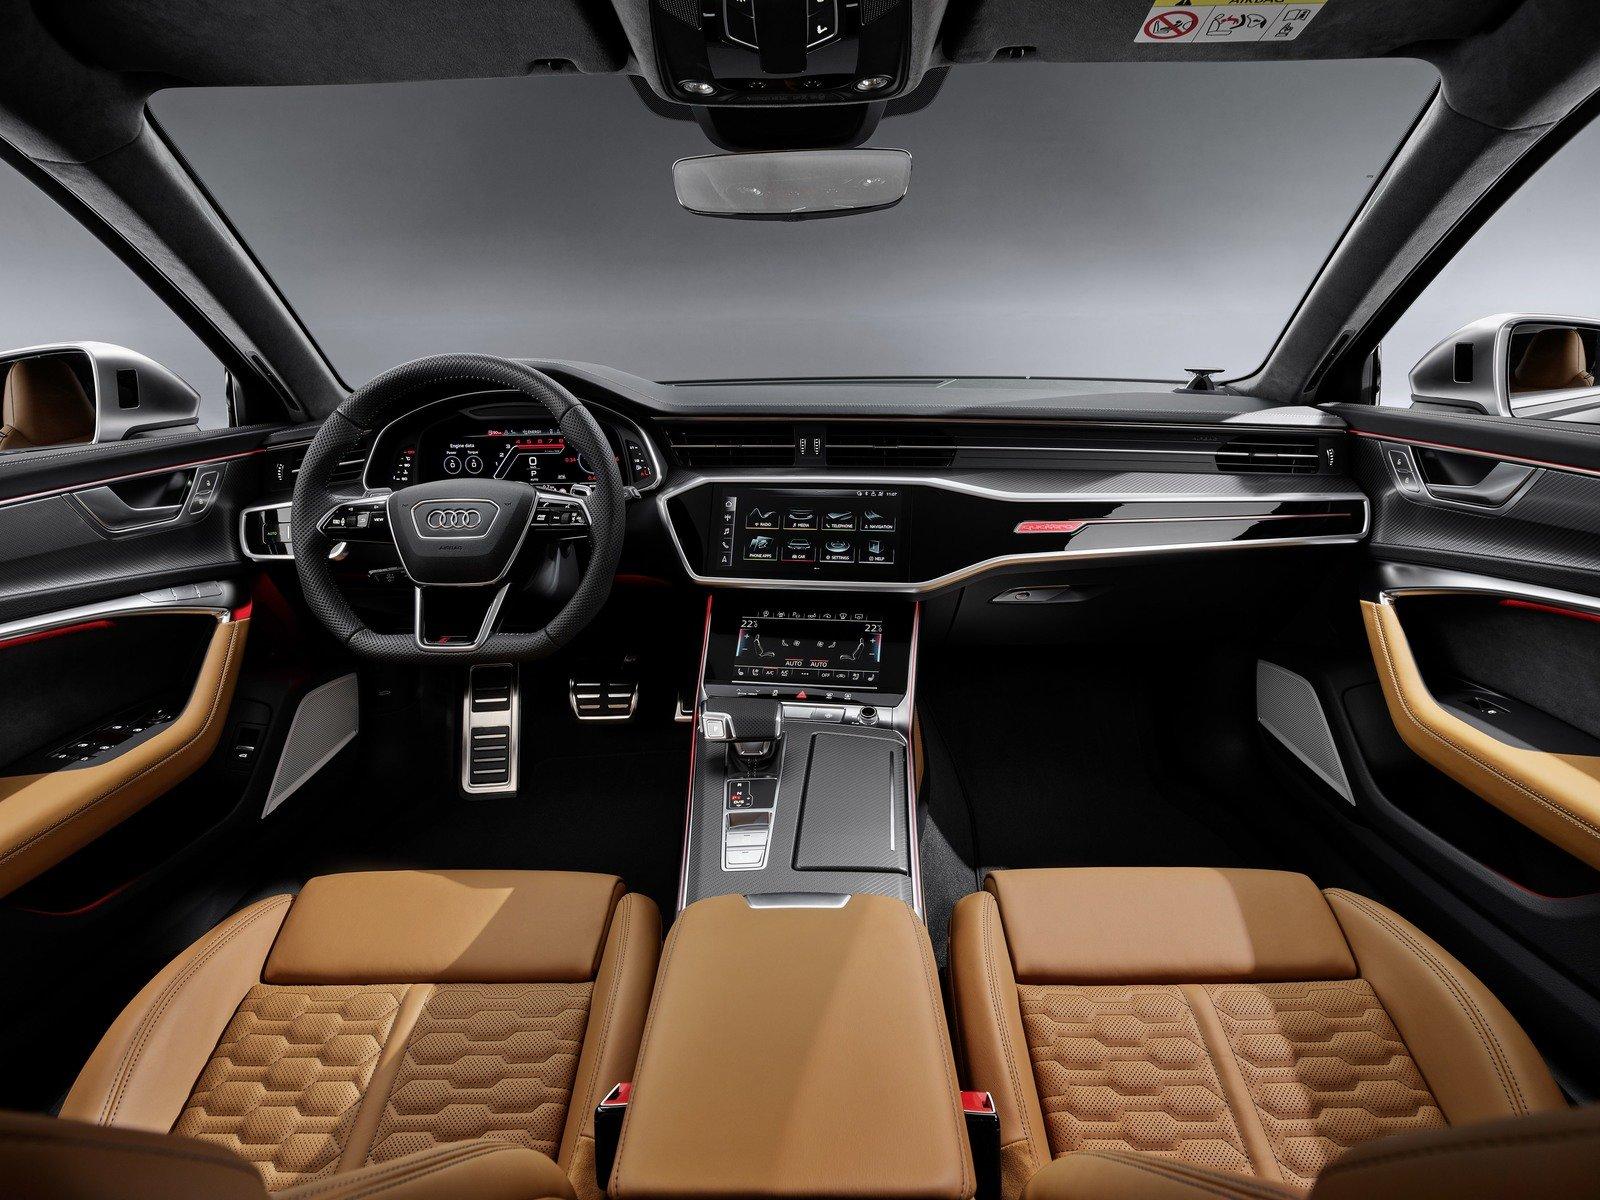 اودي Rs6 2020 اكثر سيارة عدوانية للشركة الالمانية المرسال